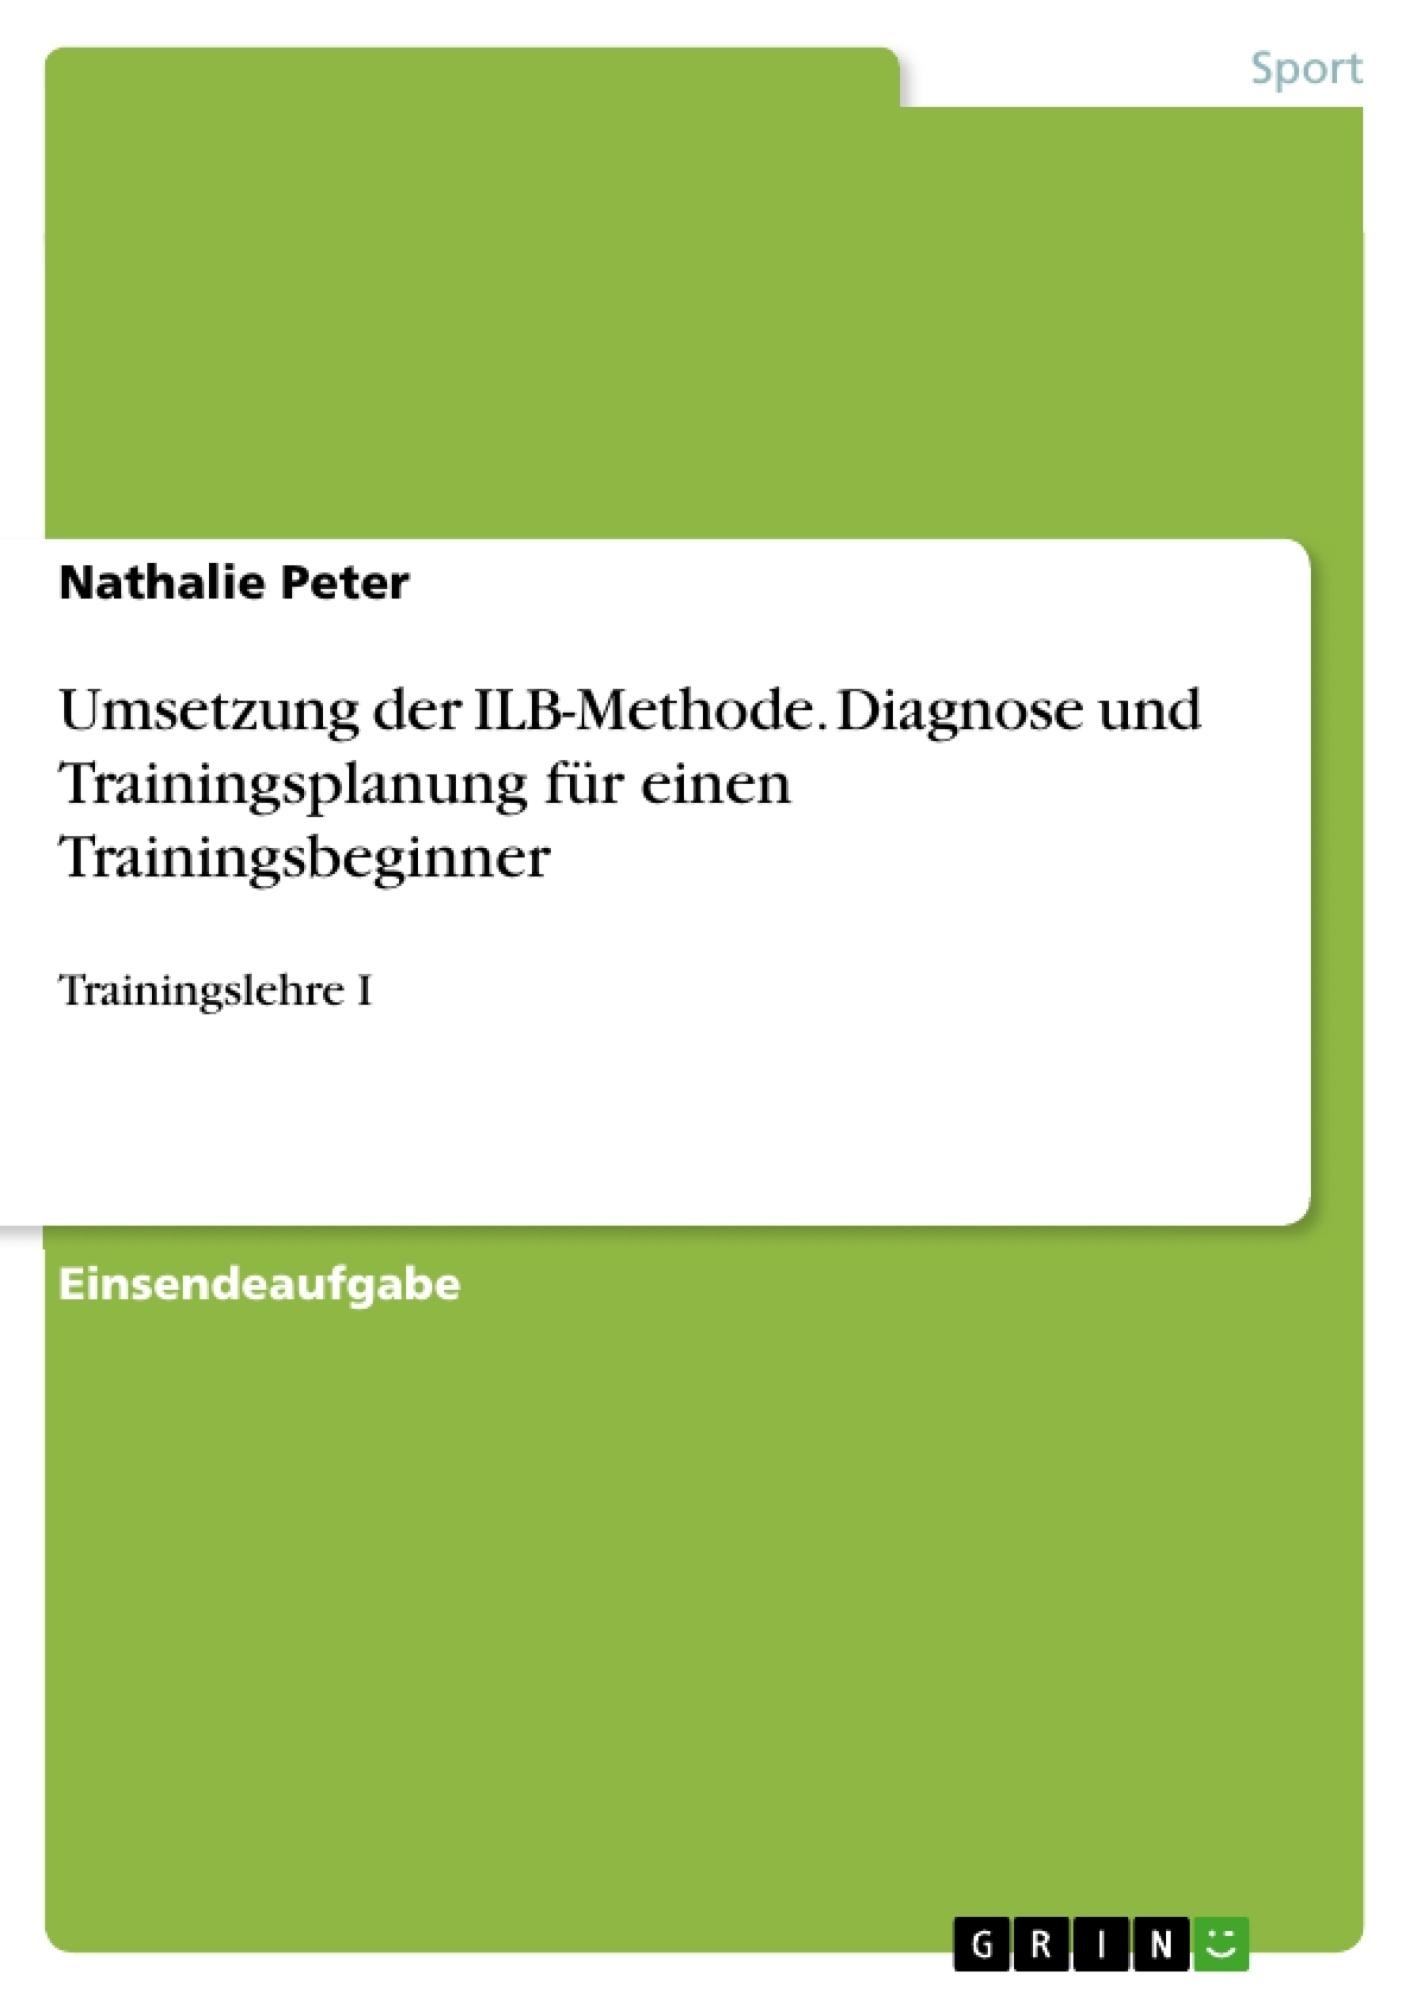 Titel: Umsetzung der ILB-Methode. Diagnose und Trainingsplanung für einen Trainingsbeginner